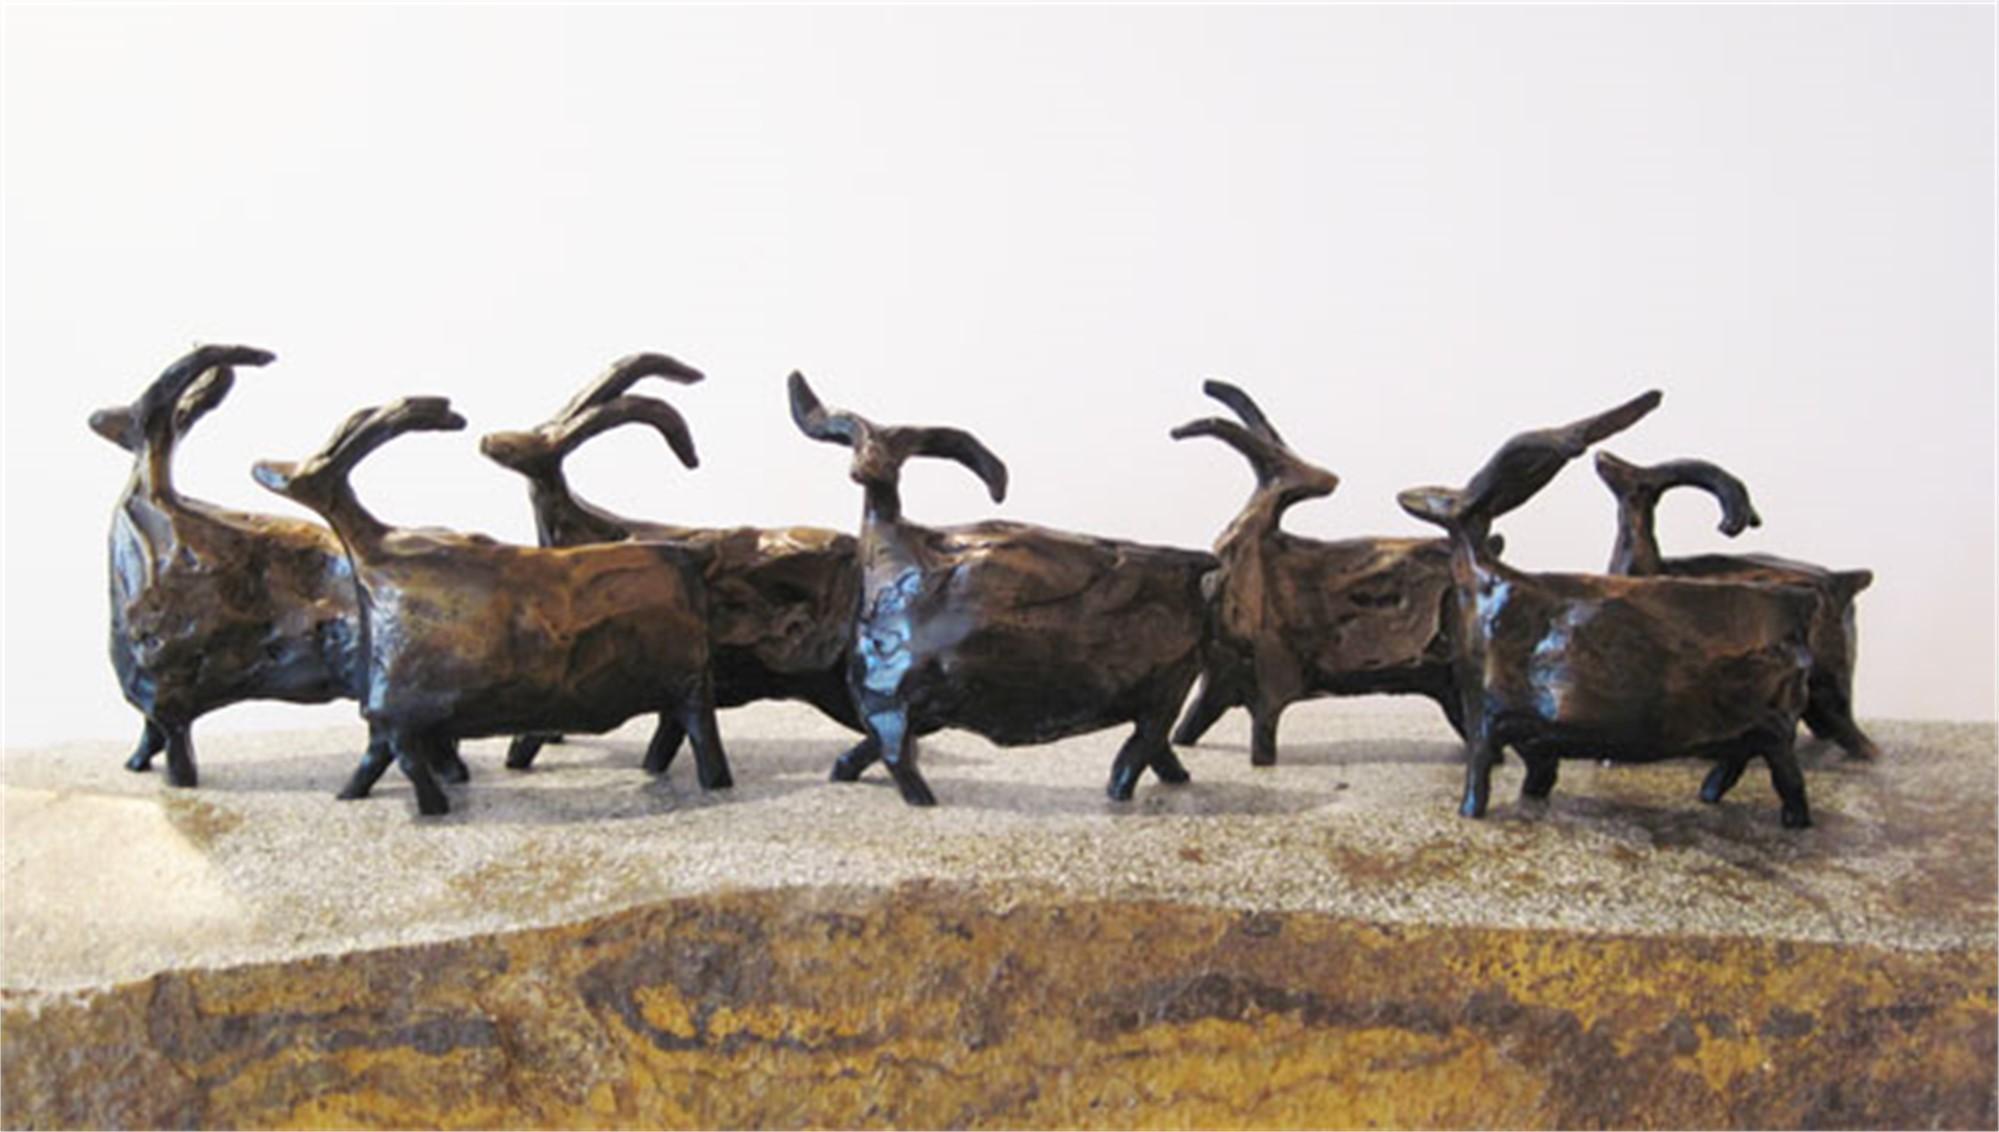 ROAMING SHEEP - BRONZE - priced individually by Jill Shwaiko